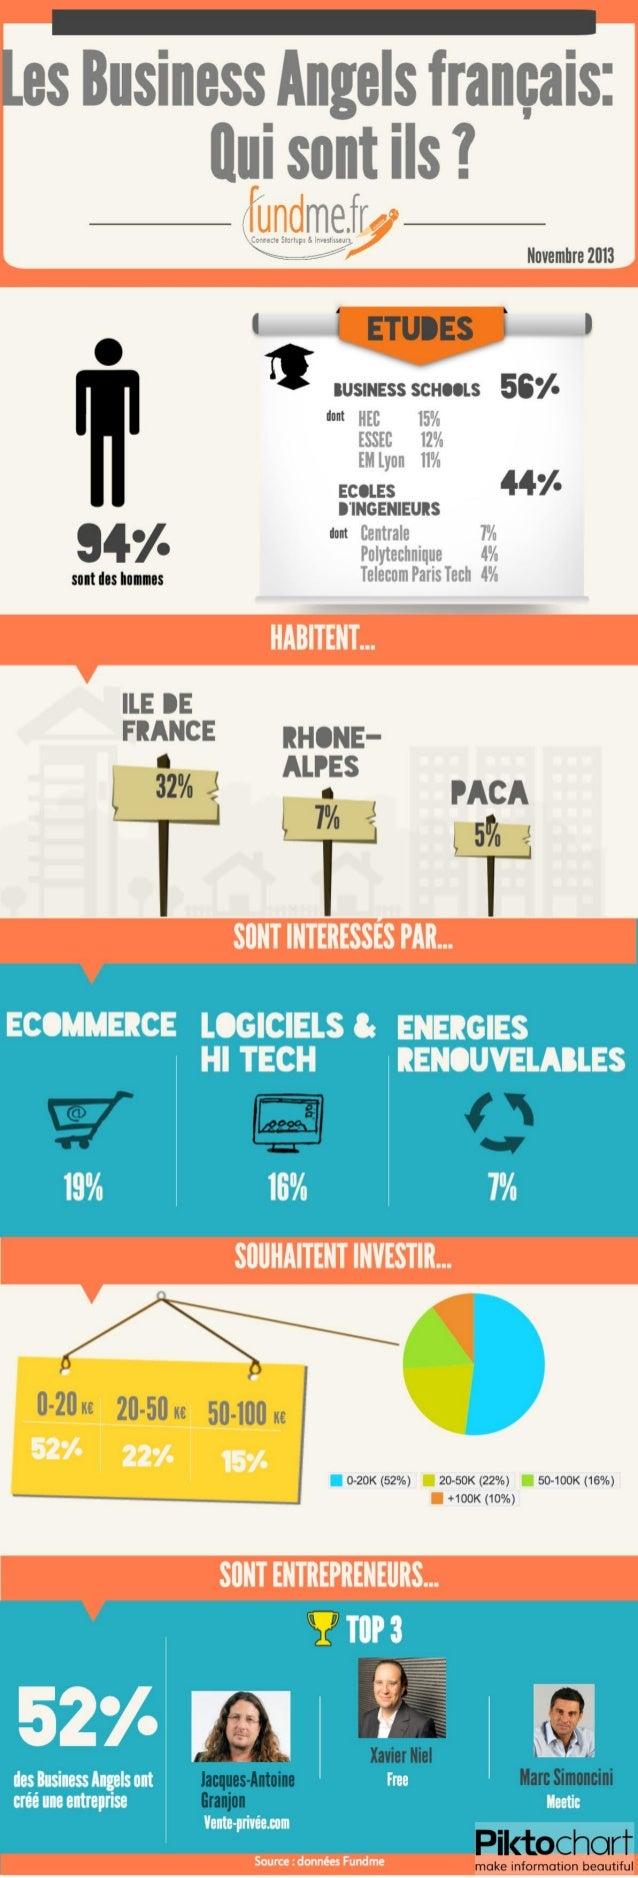 Infographie fundme-les-business-angels-français